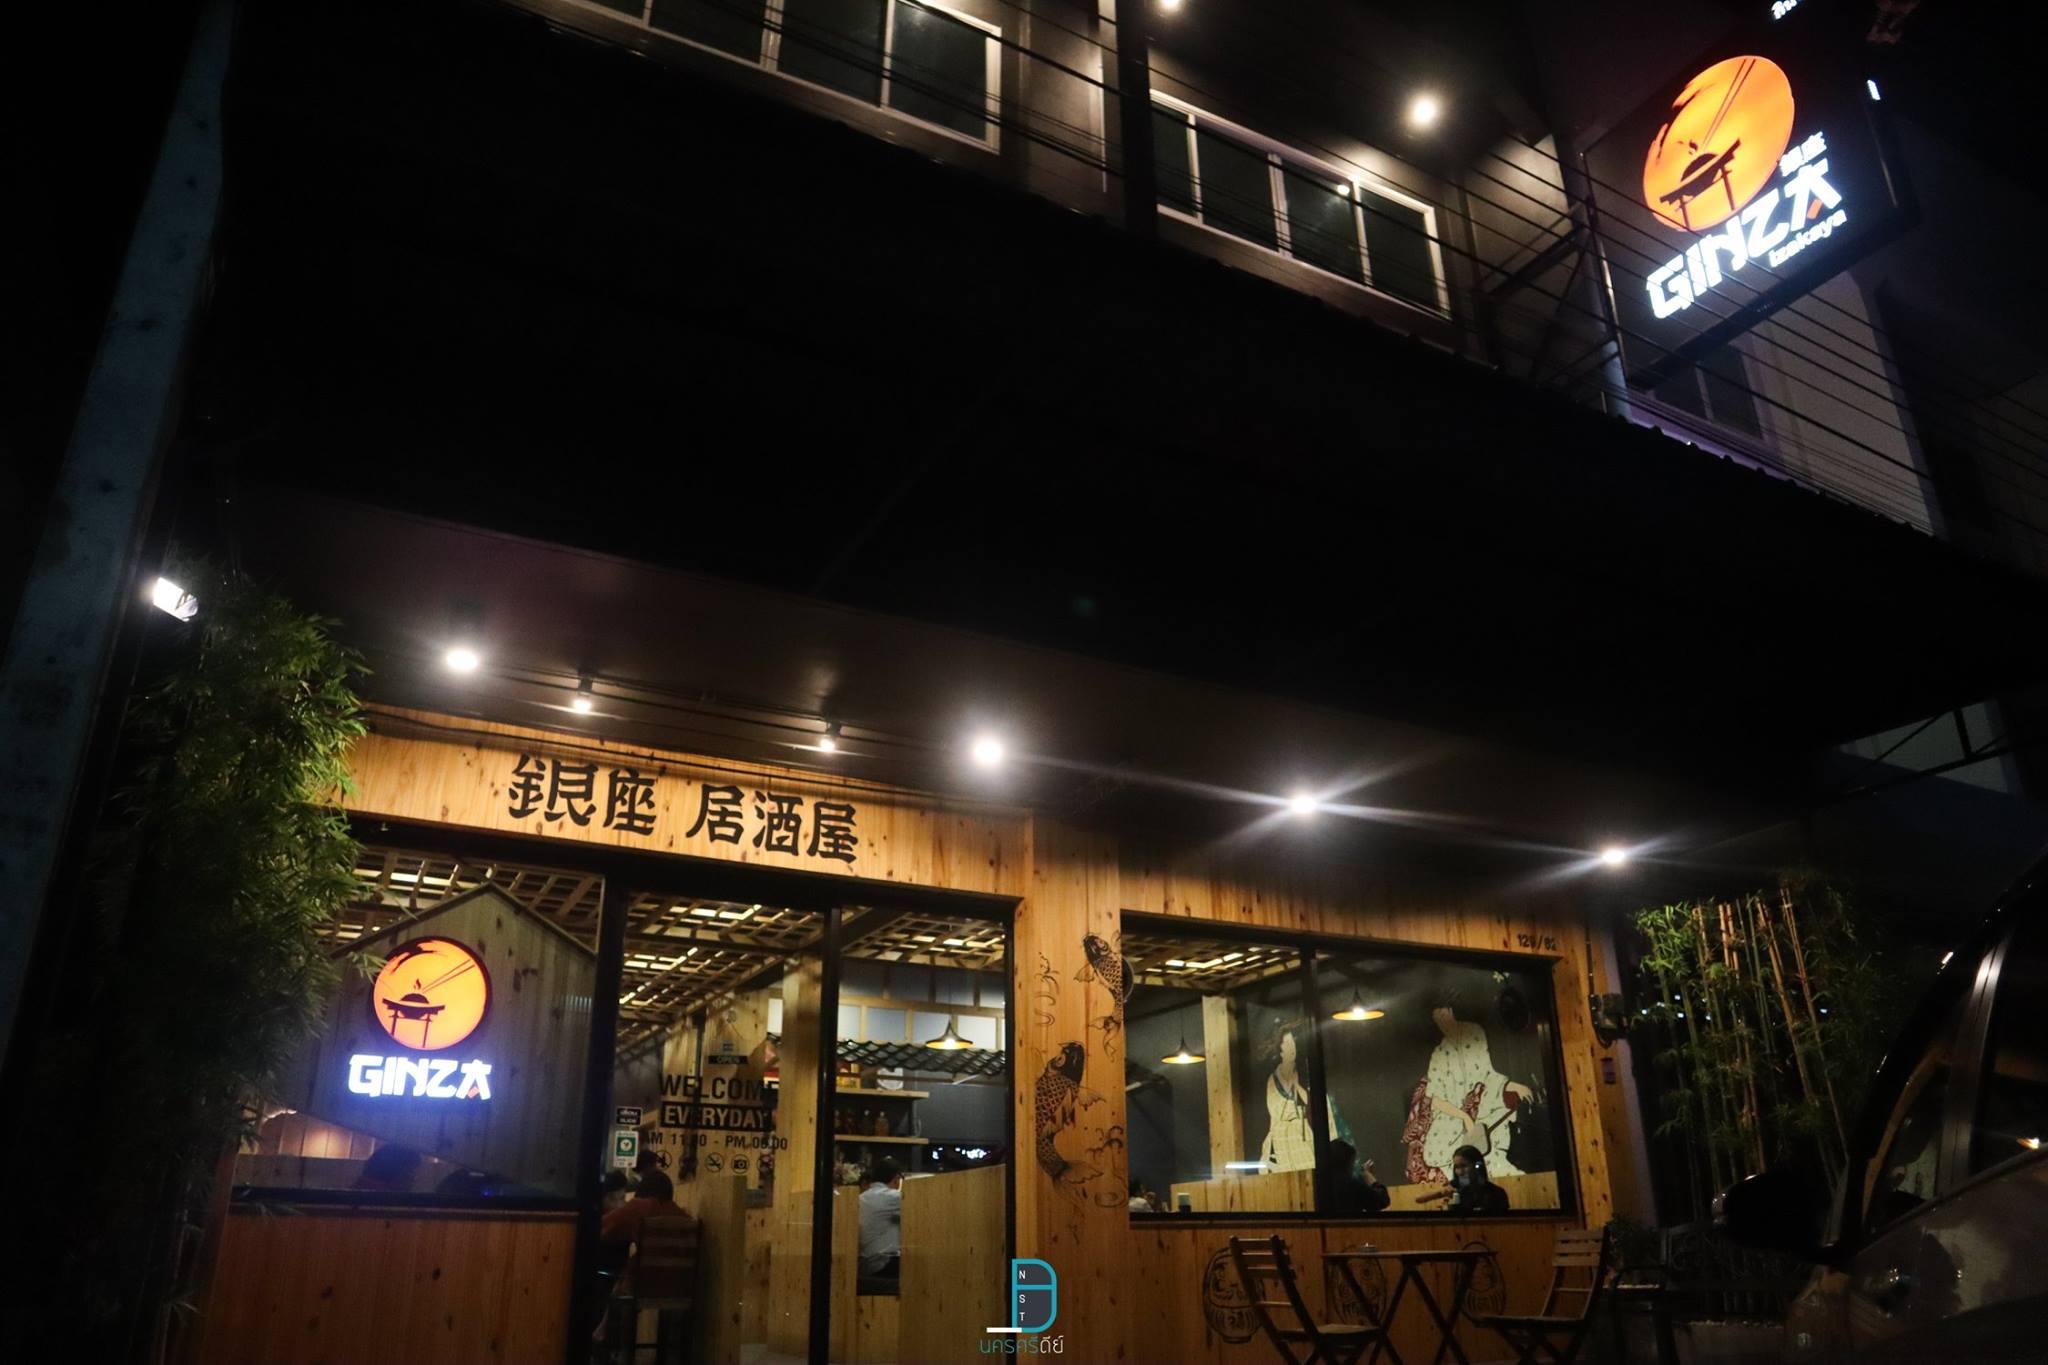 6.-อีก-1-ร้านเด็ดอาหารญี่ปุ่นที่เปิดจนถึง-3-ทุ่ม-ร้าน-Ginza-Izakaya-เมืองทอง-นครศรีธรรมราช-ดูรีวิวตัวเต็มได้ที่-รายละเอียด-คลิก  แหล่งท่องเที่ยว,นครศรี,จุดเช็คอิน,จุดถ่ายรูป,คาเฟ่,ของกิน,จุดกิน